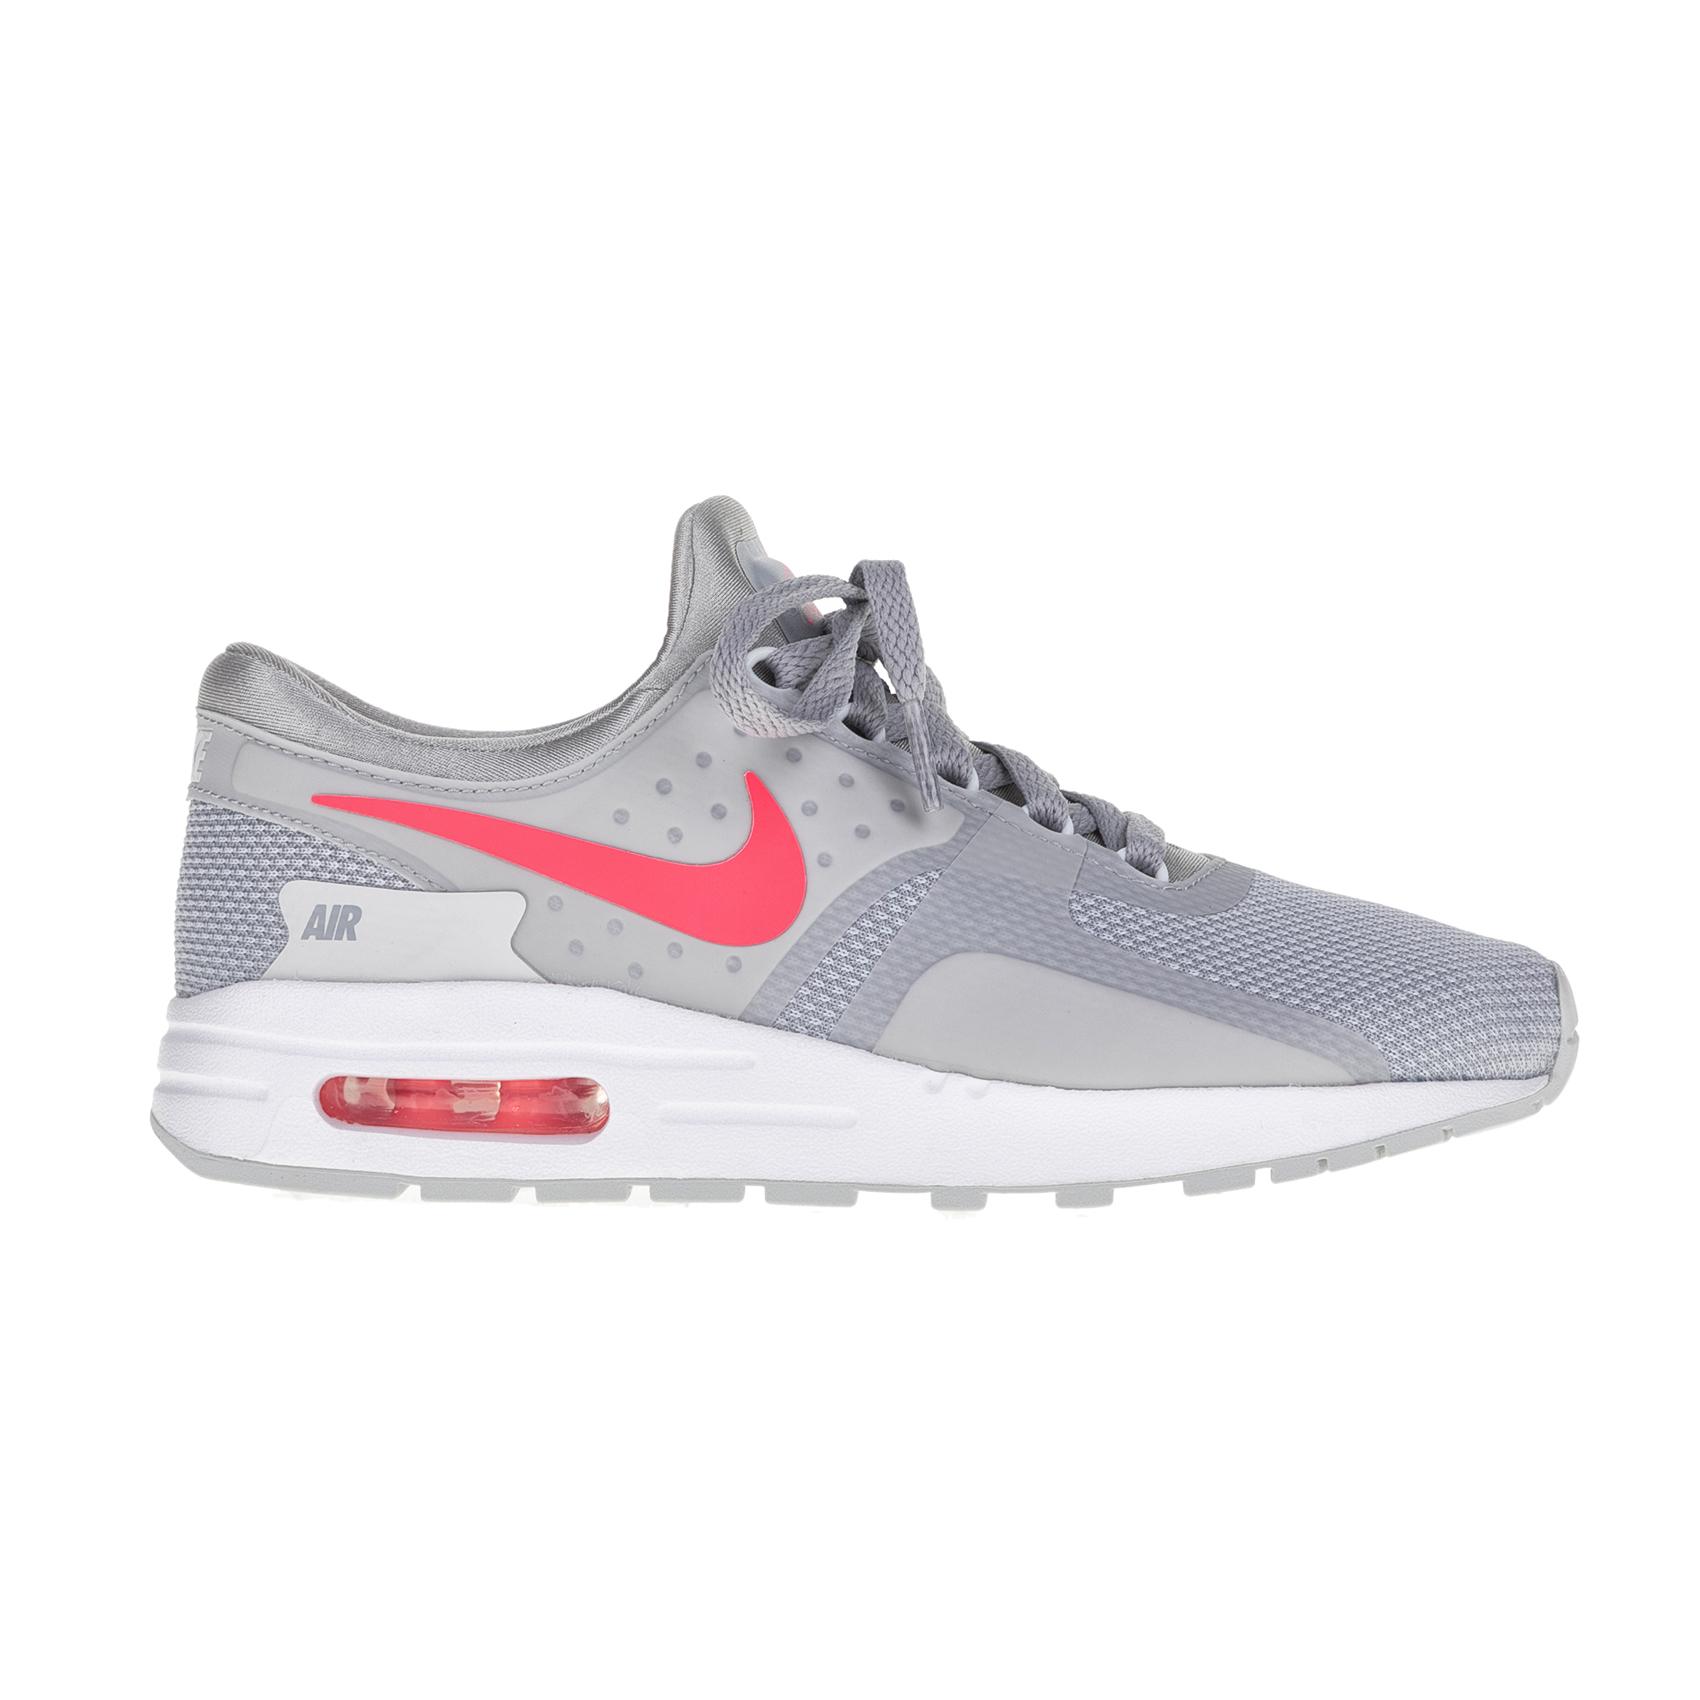 NIKE – Παιδικά αθλητικά παπούτσια Nike AIR MAX ZERO ESSENTIAL GS γκρι – ροζ